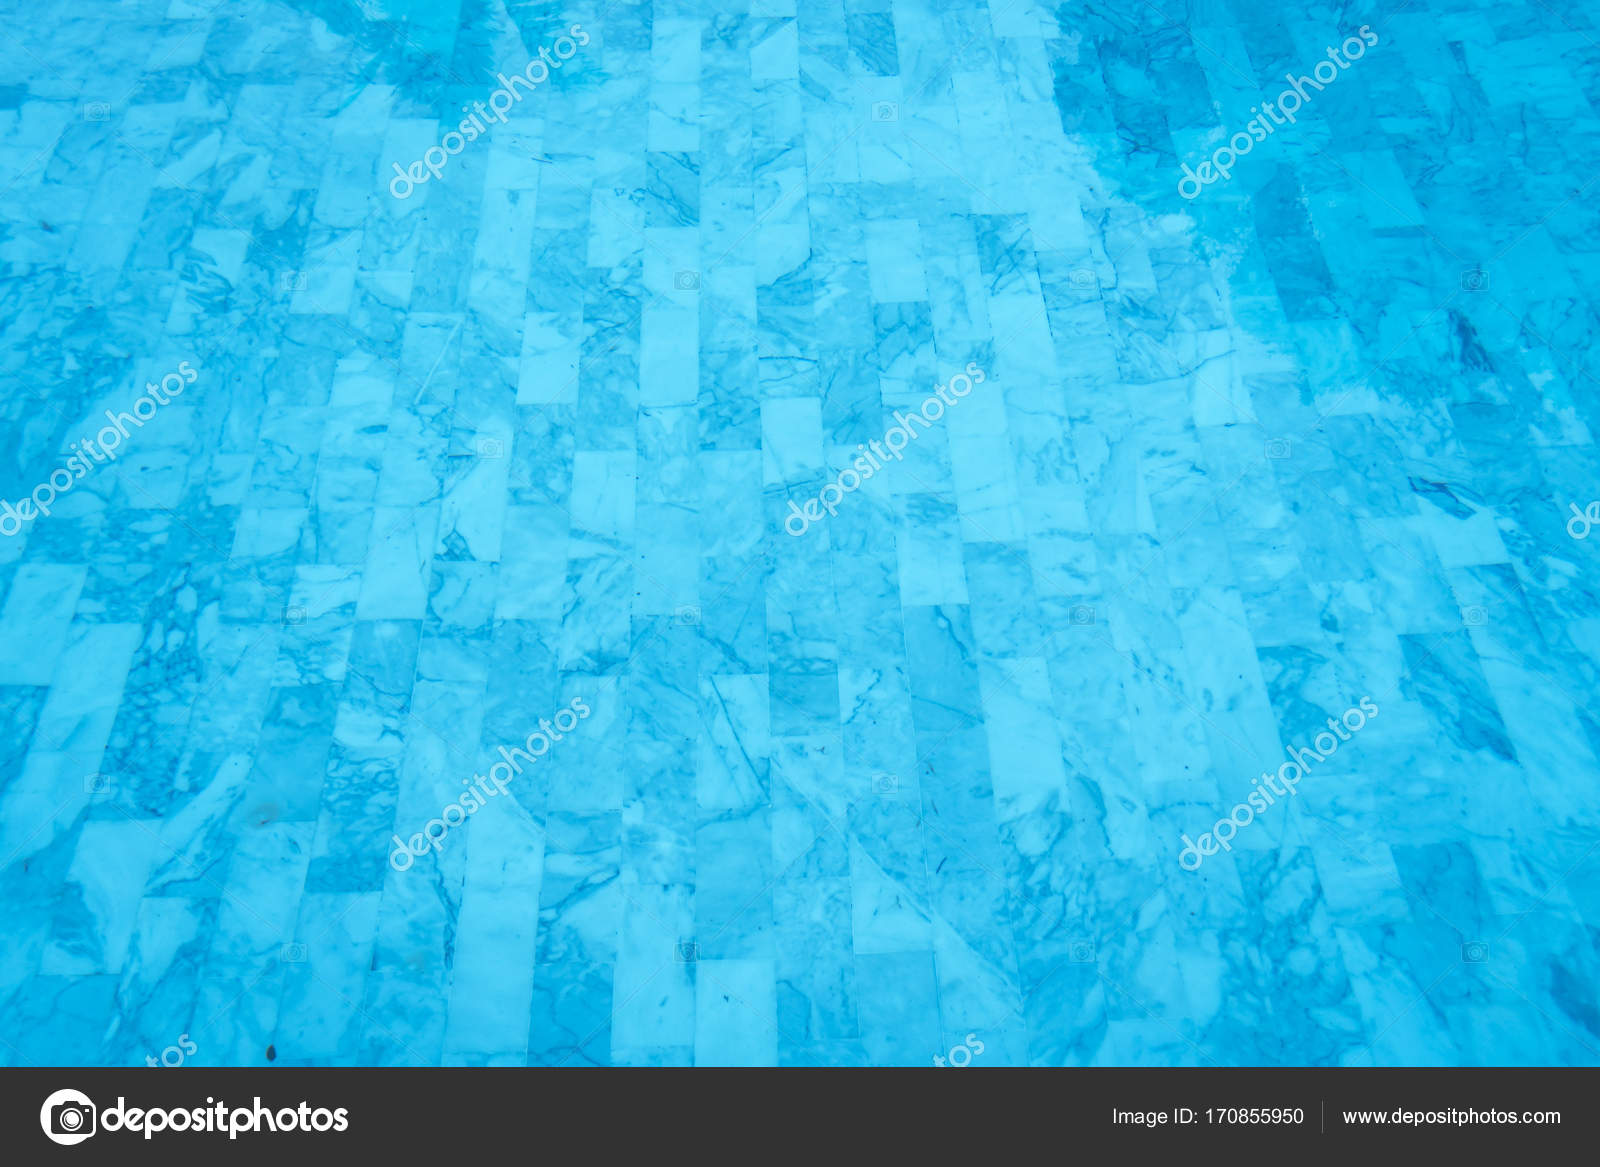 Bellissima piscina acqua e fondo piastrella il fondo u foto stock